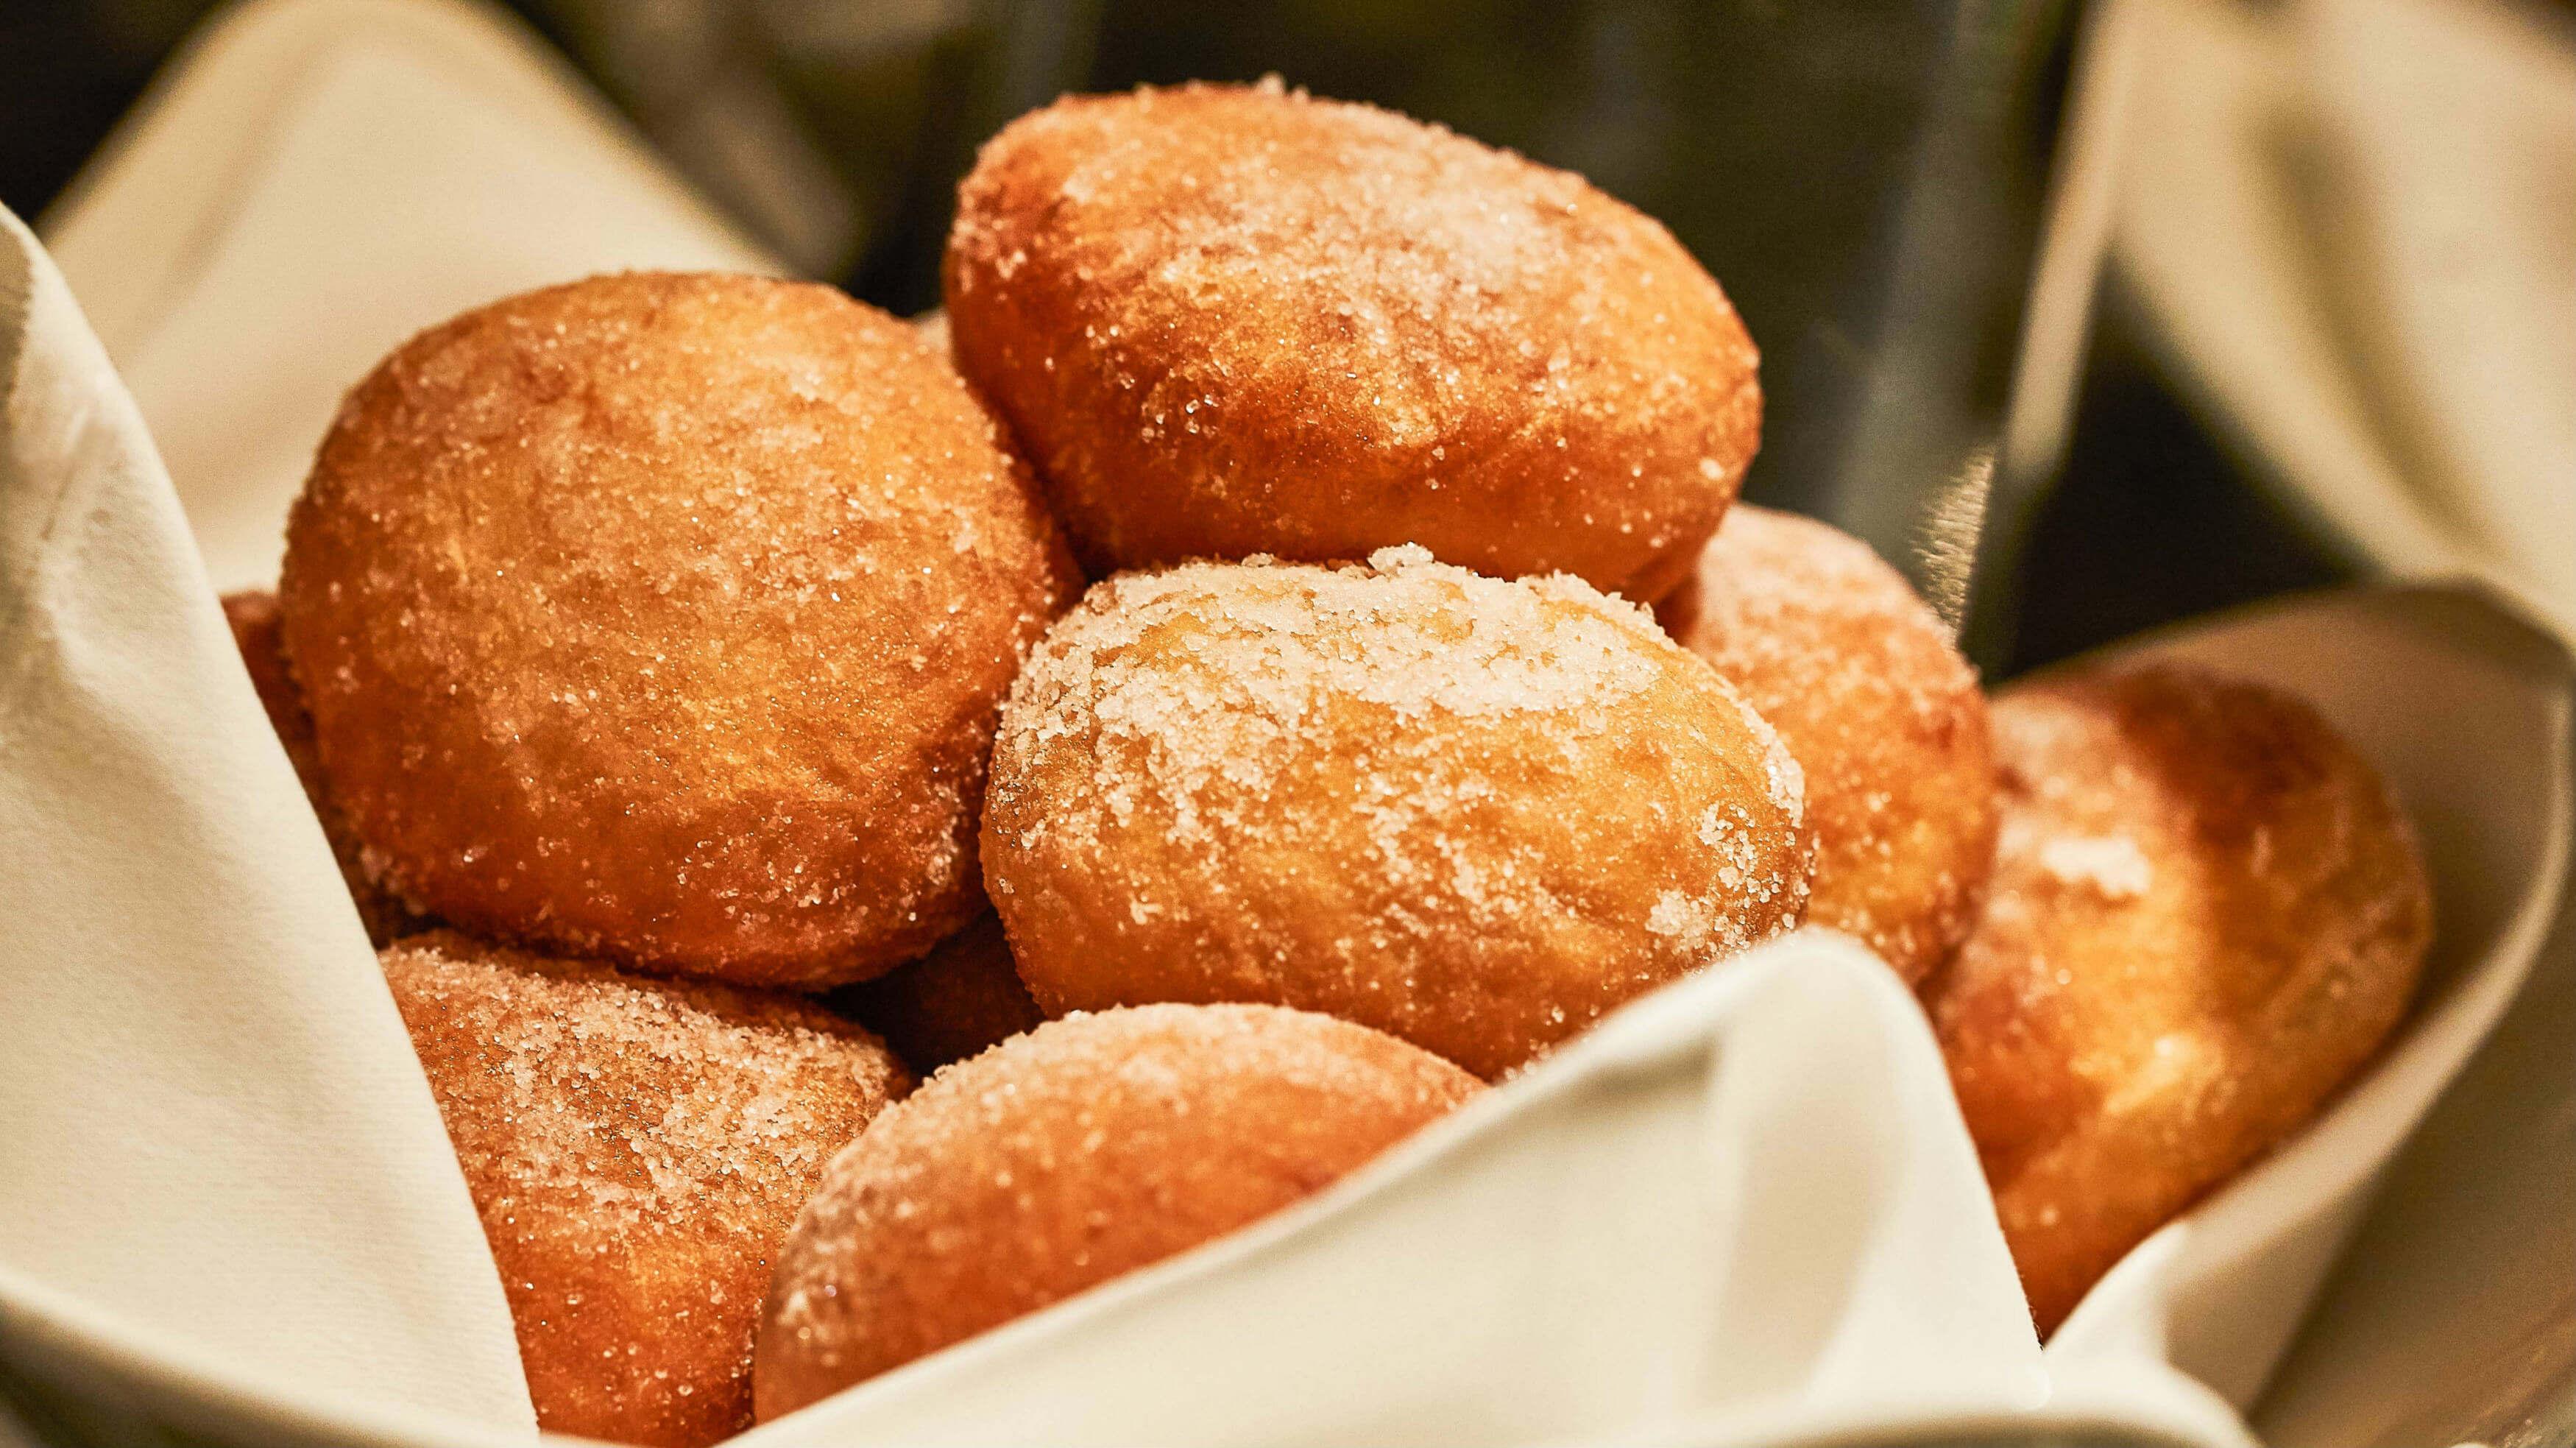 德式覆莓甜甜圈。(圖片/台北西華飯店提供)